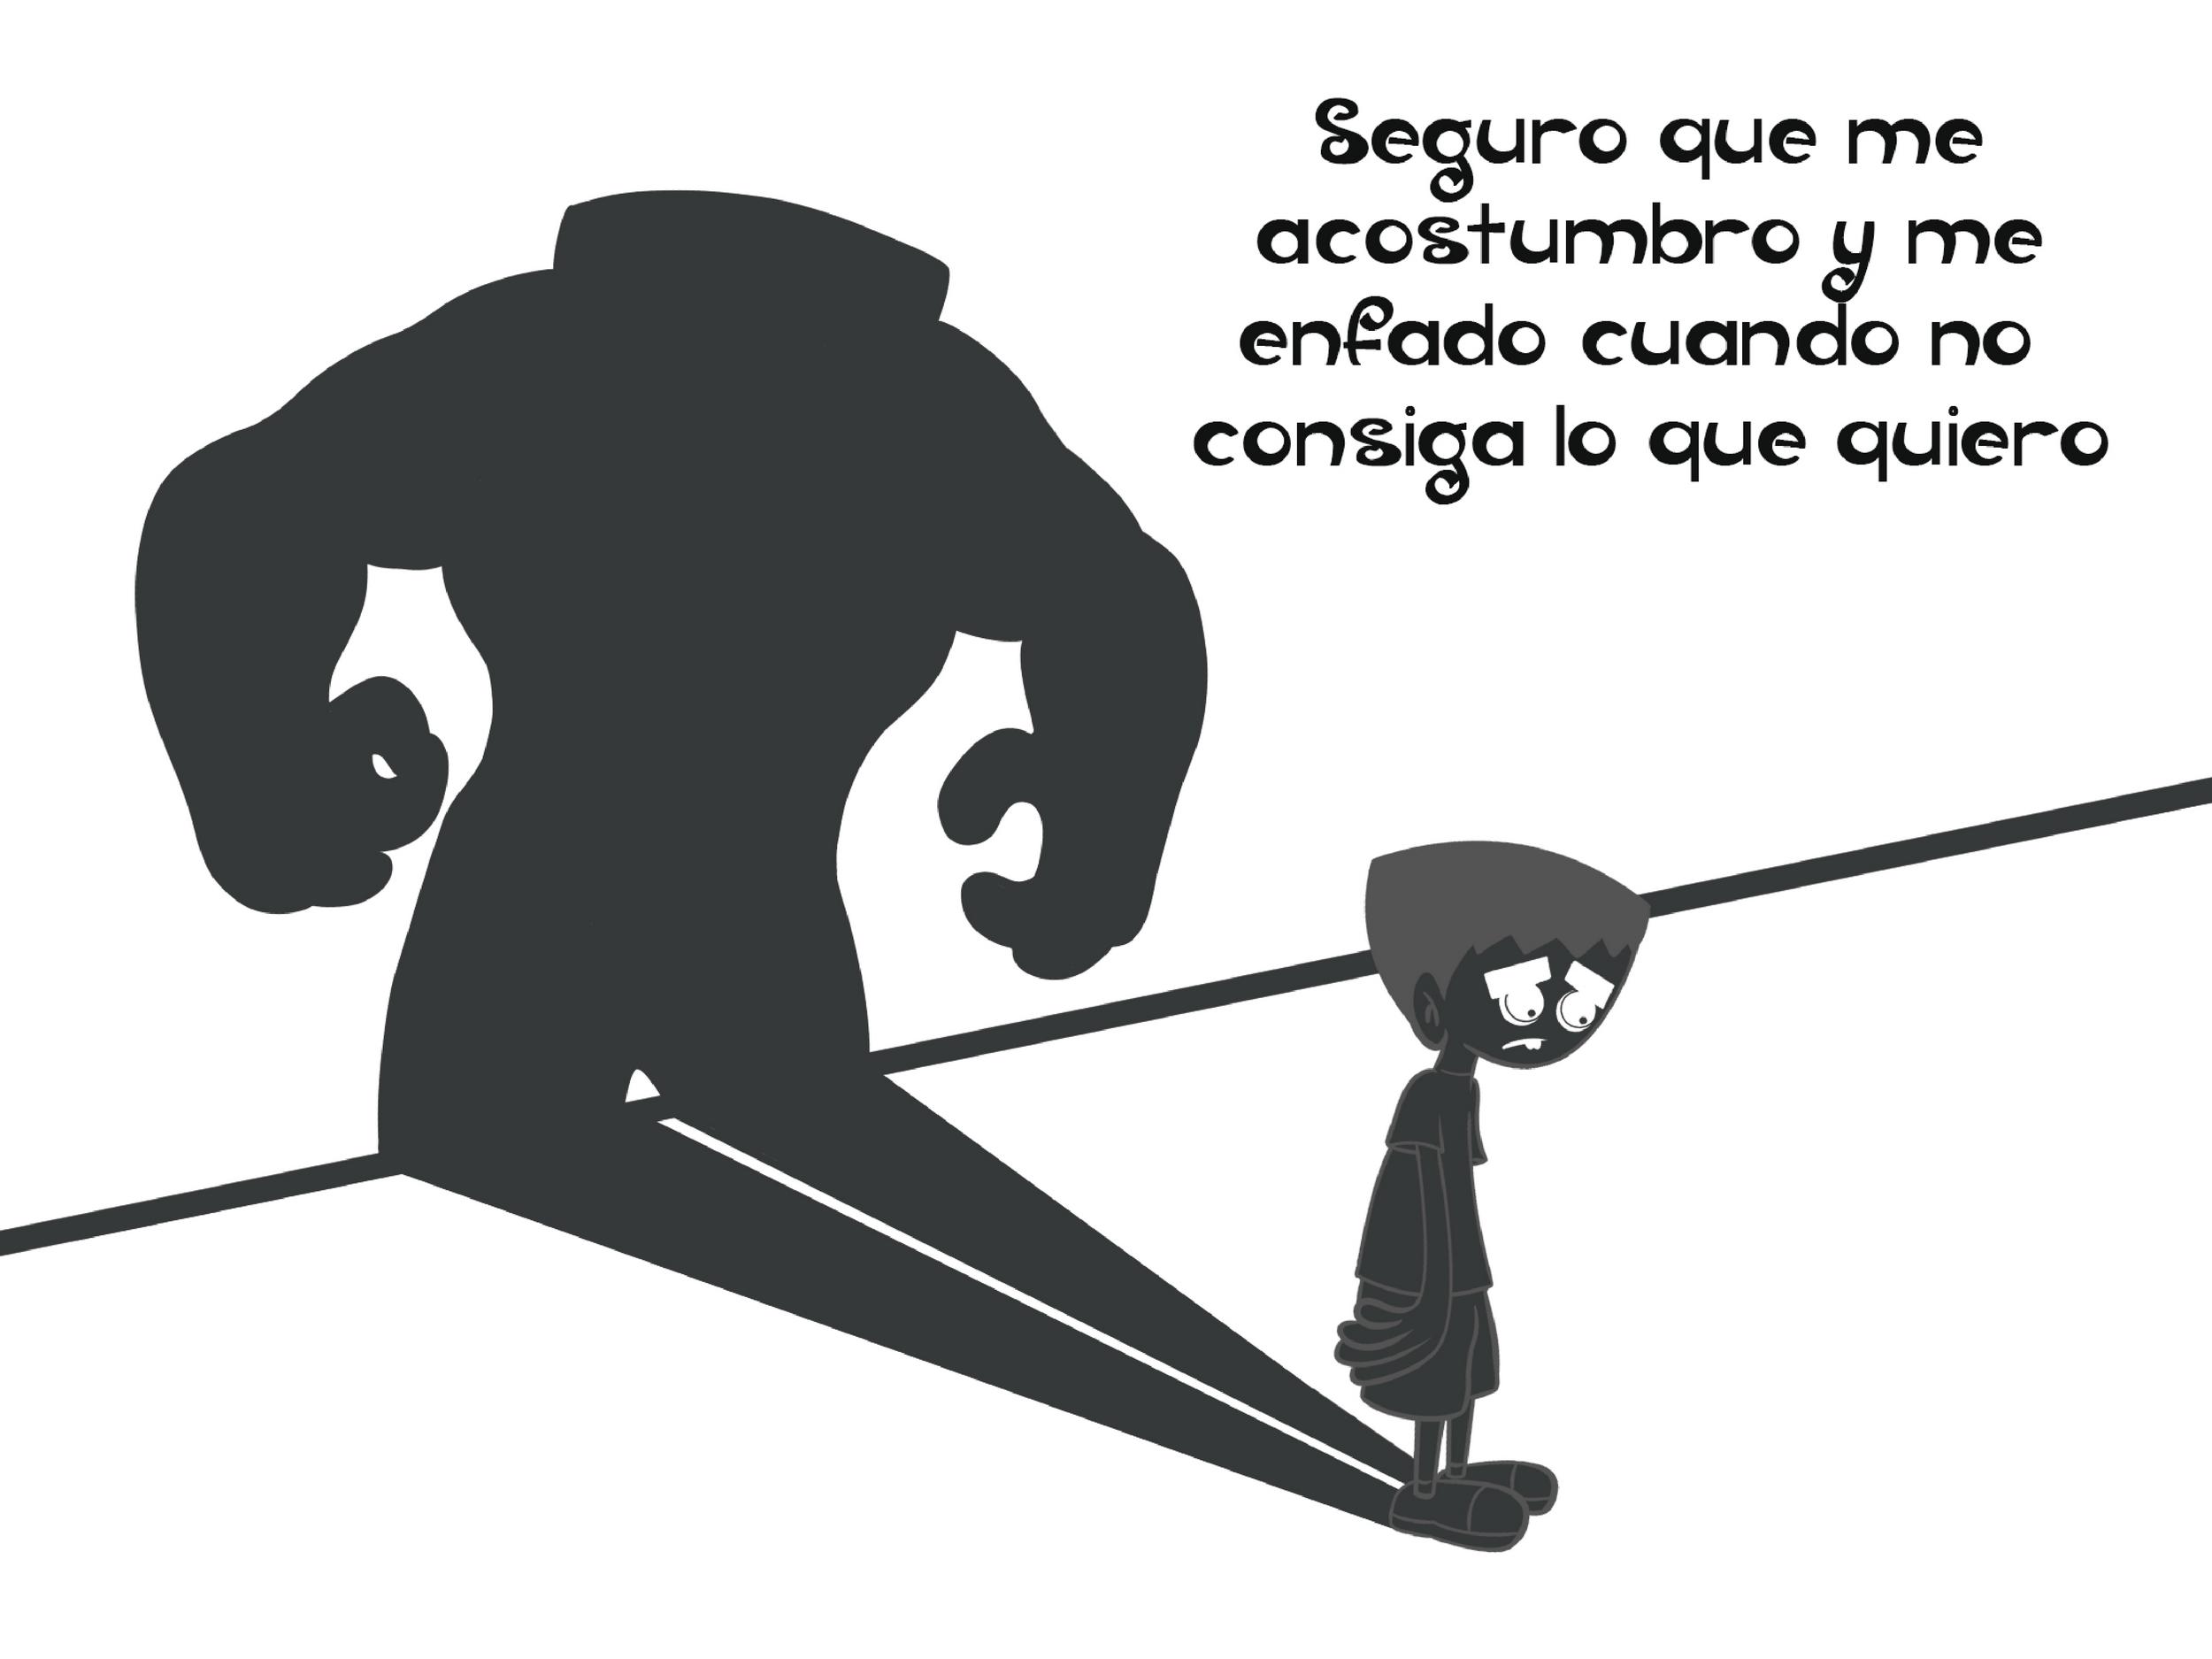 El_niño_puños_Hulk_Javi_Fernandez_Mañas_El niño con los puños de Hulk_page-0014_2500_0014